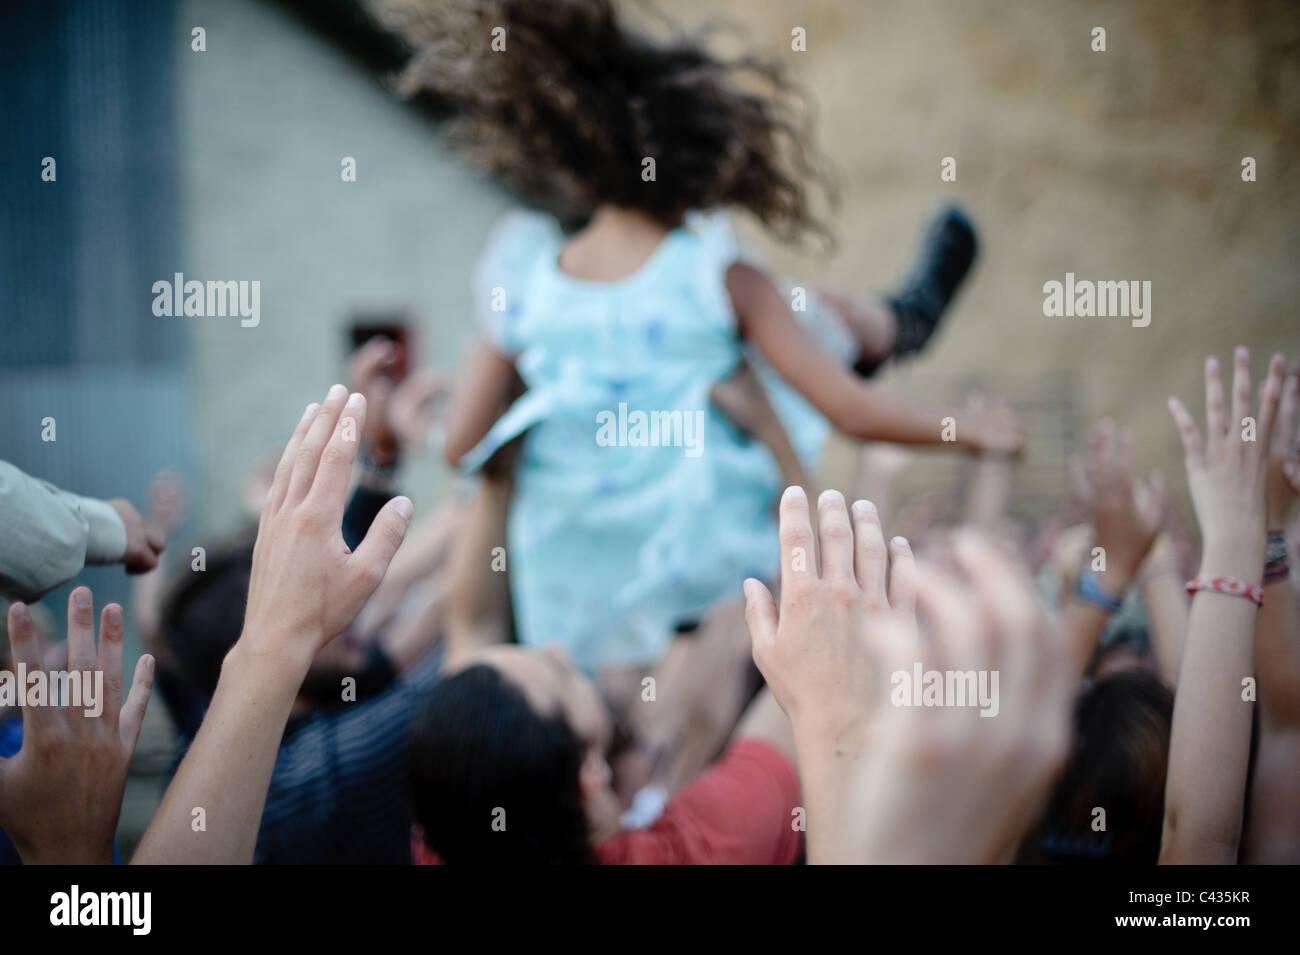 Barn Dance Stock Photos & Barn Dance Stock Images - Alamy